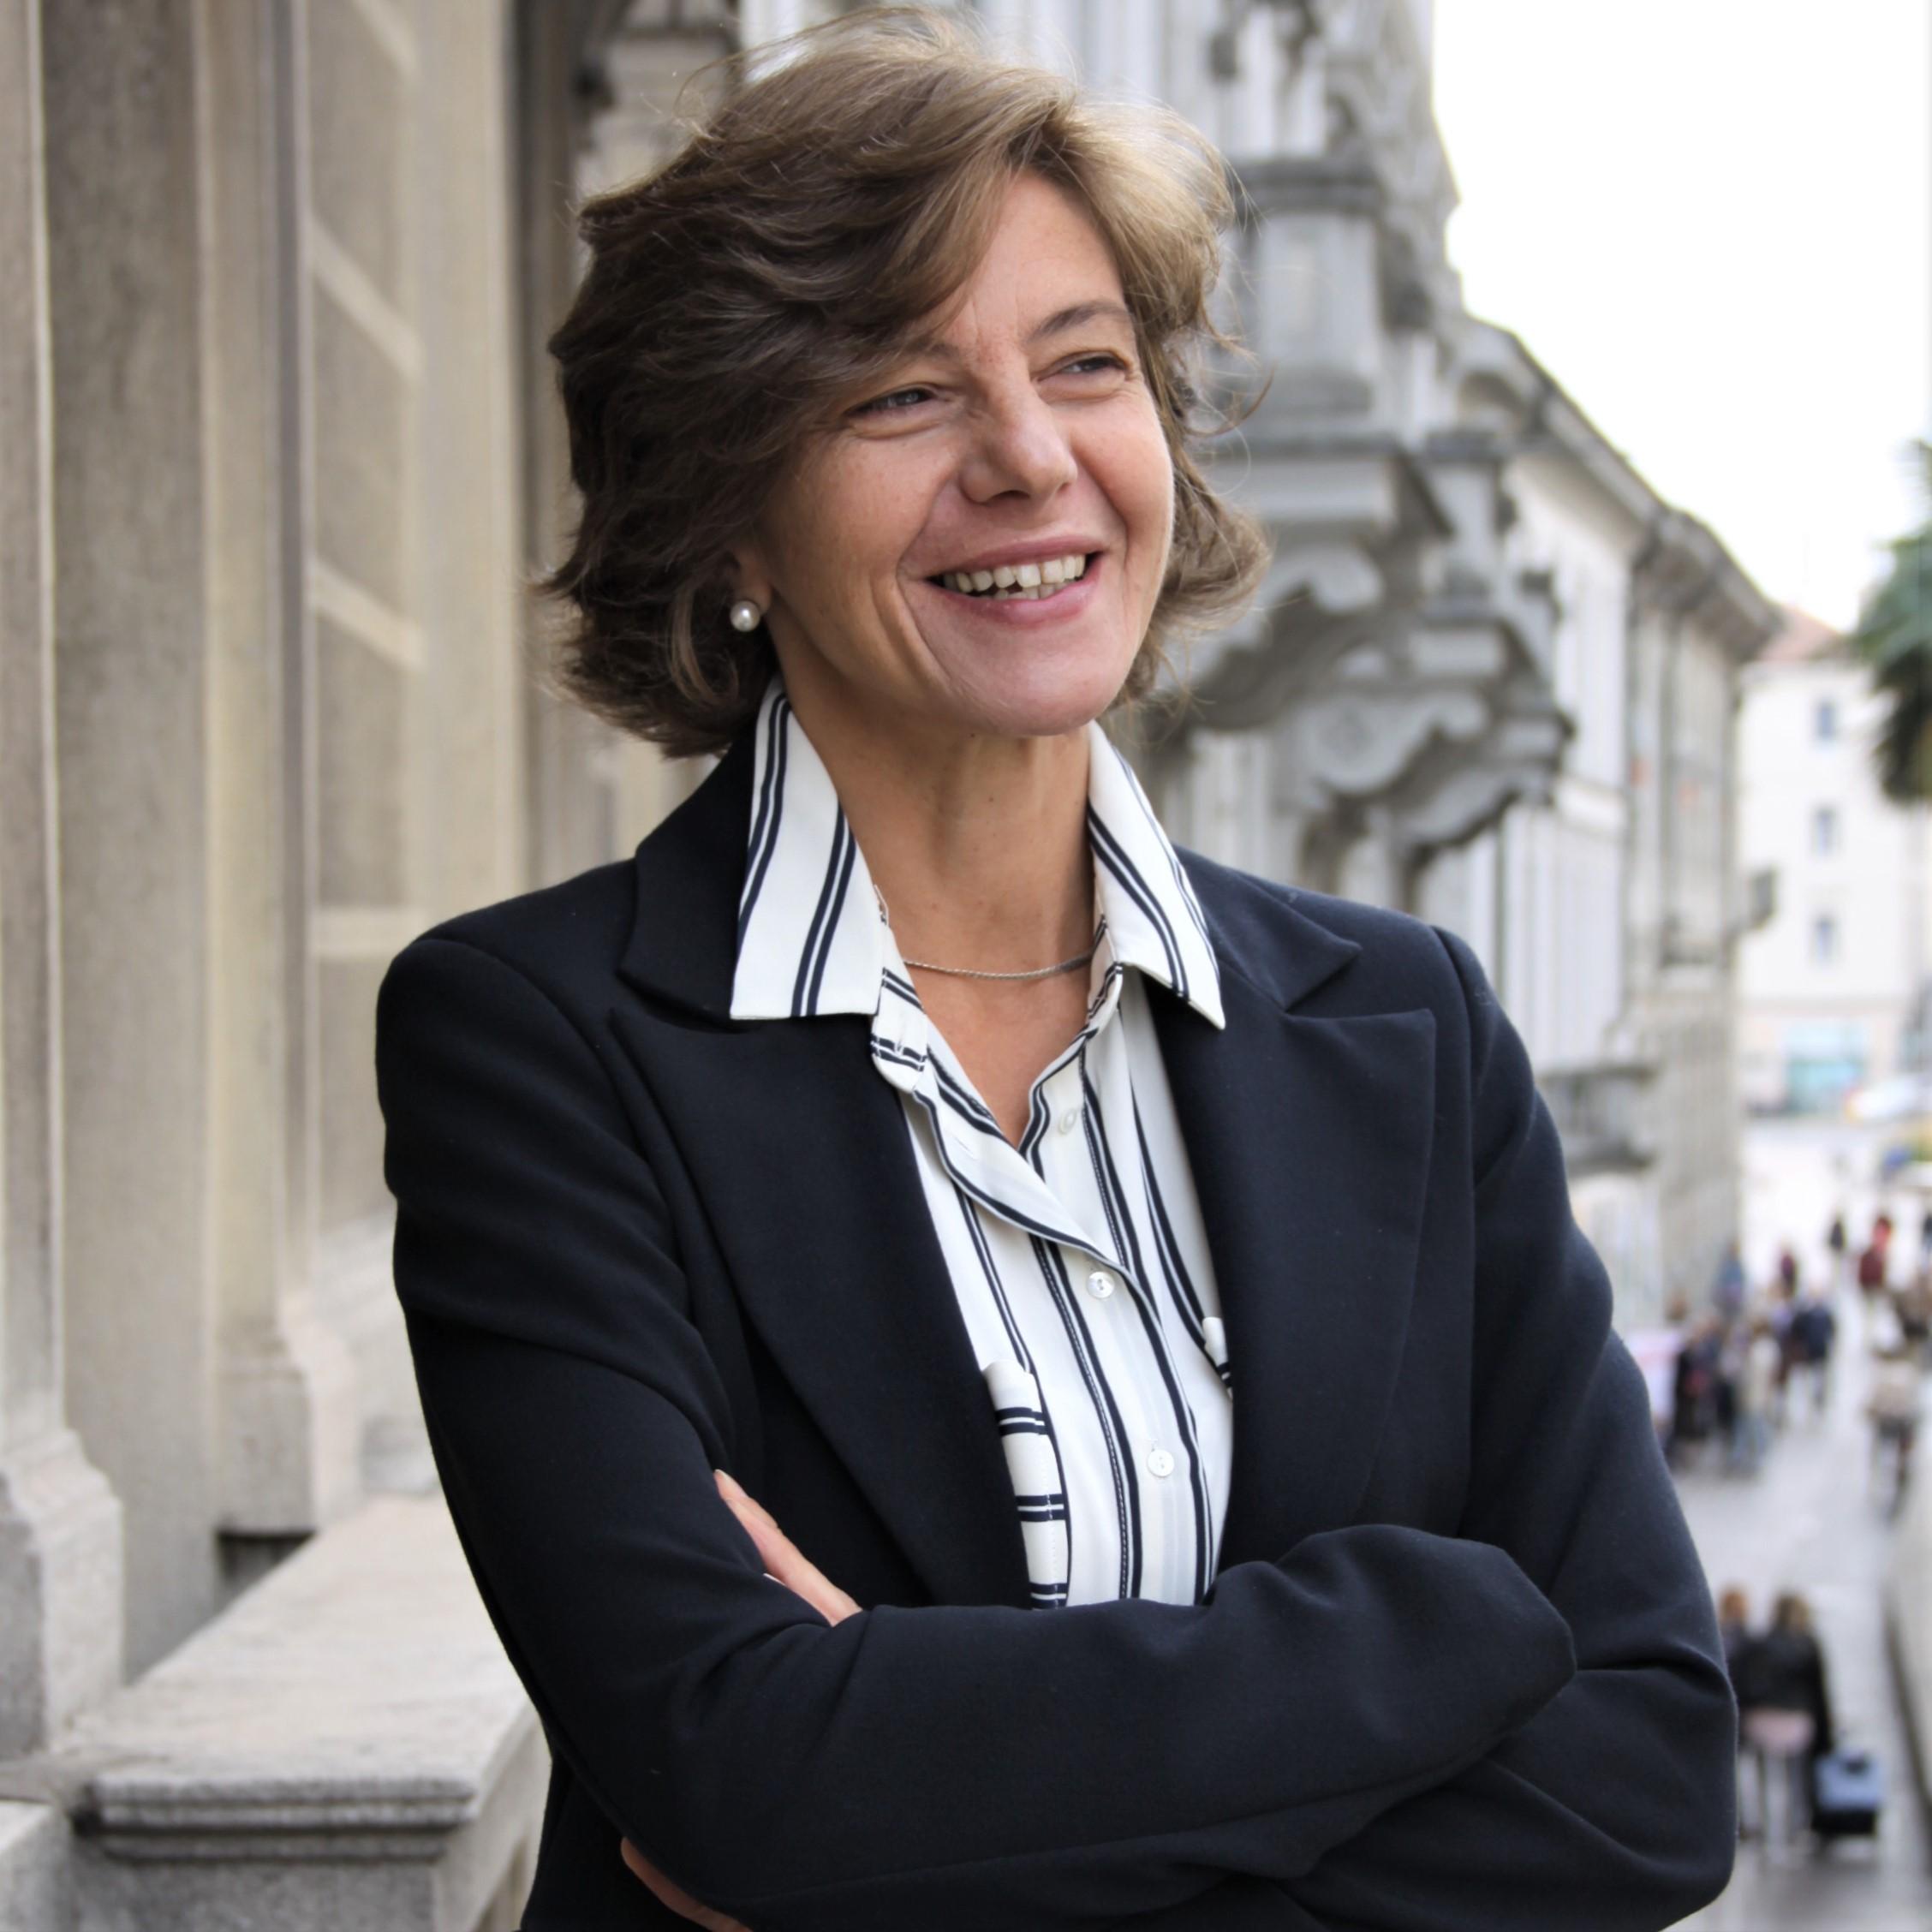 Lucia Cazzaniga